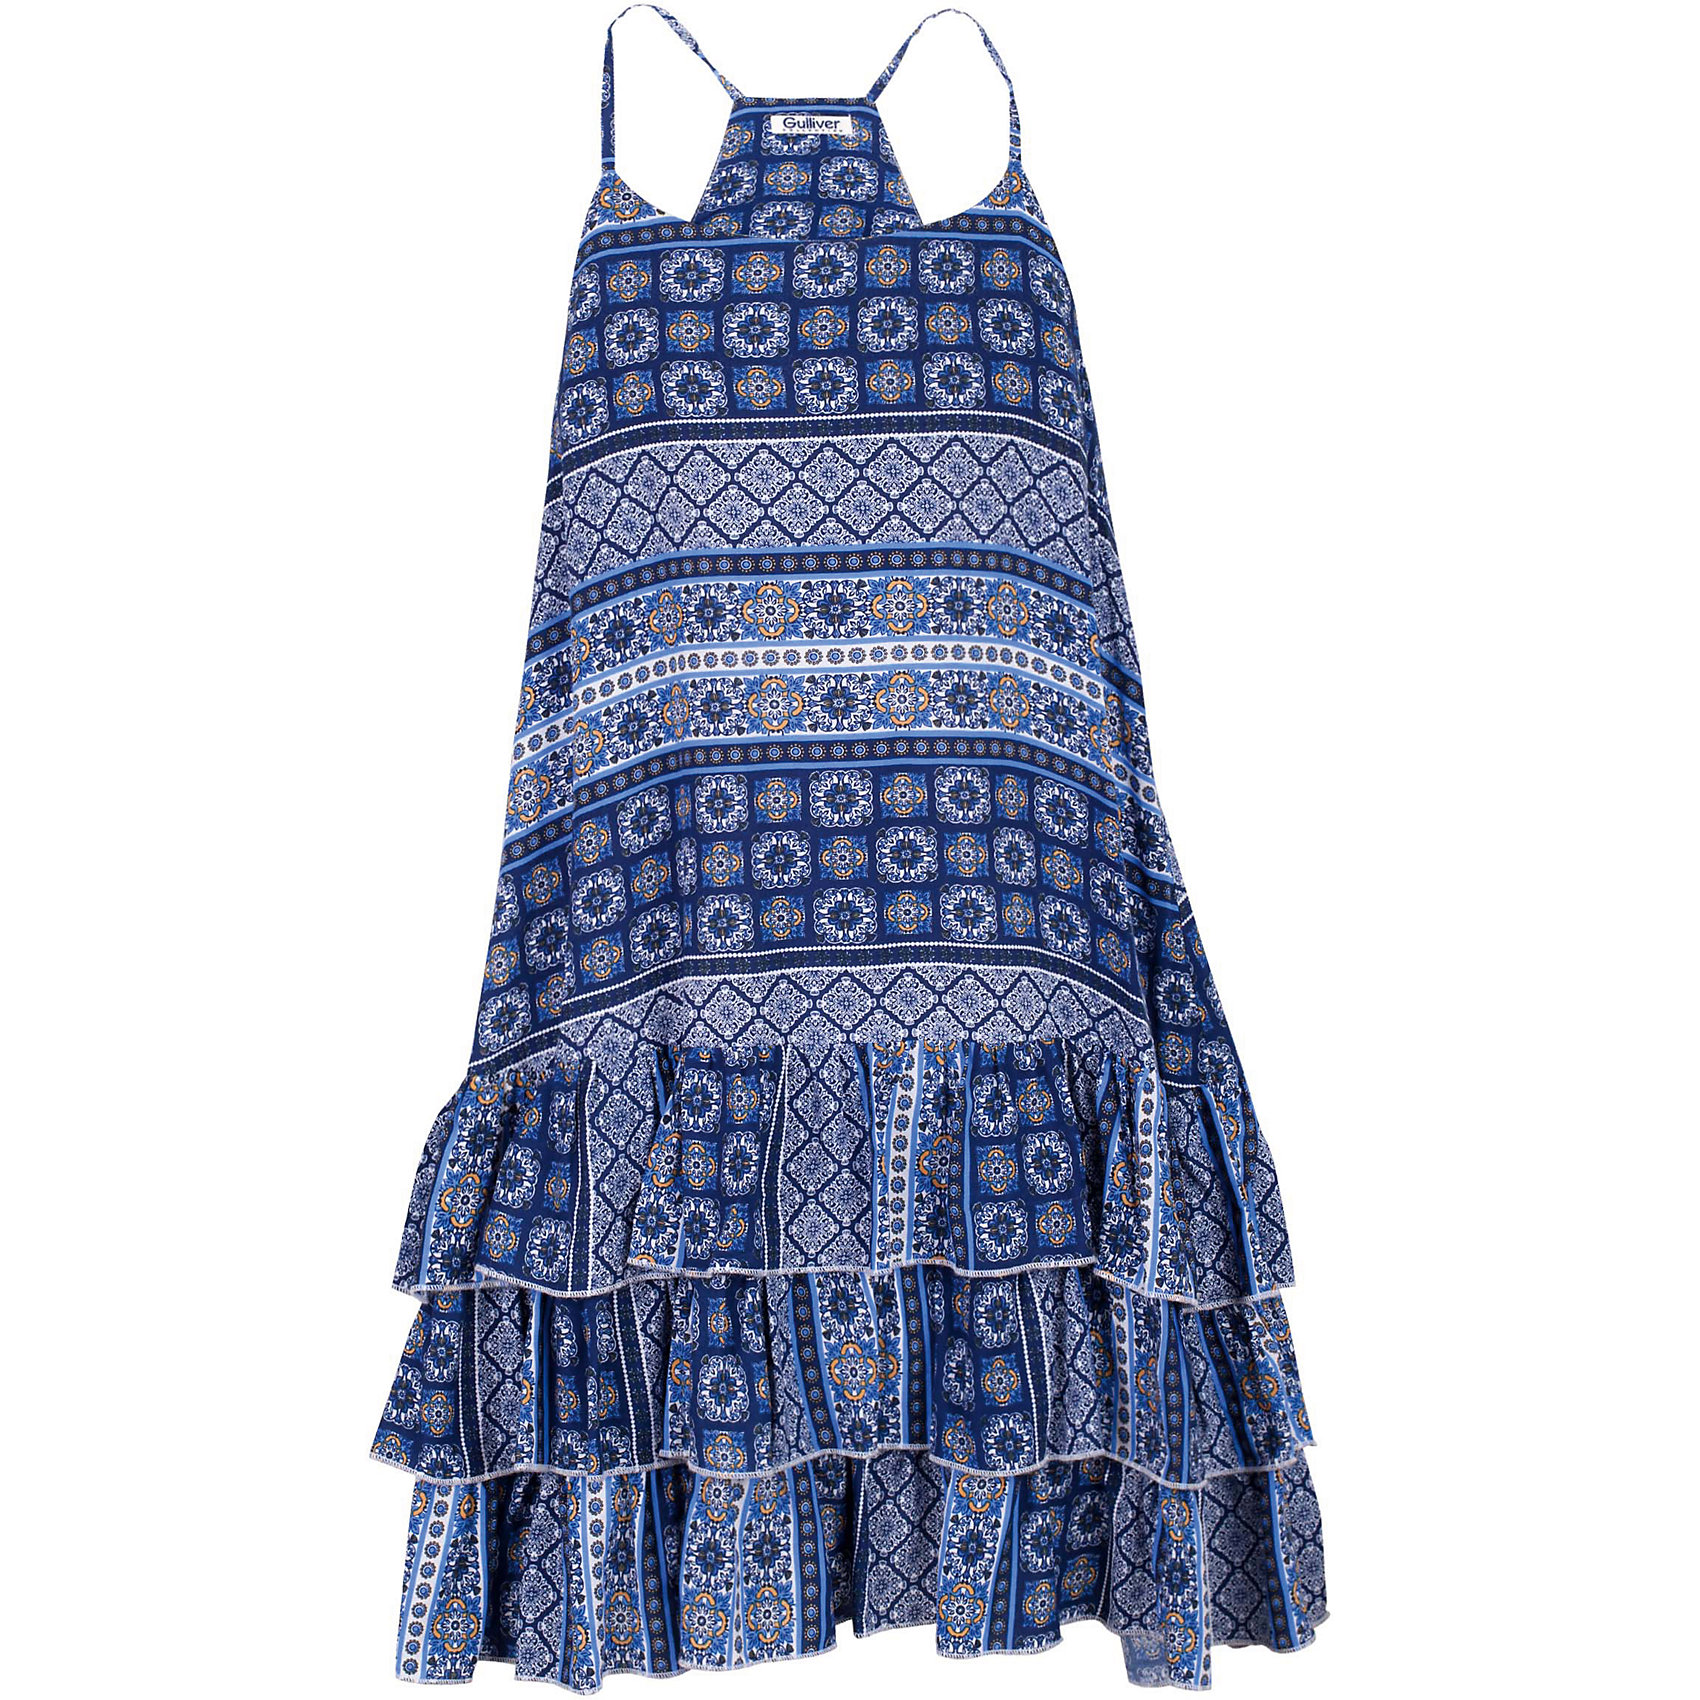 Платье для девочки GulliverПлатья и сарафаны<br>Ох уж, эти модницы... Их летний гардероб пестрит нарядами, но разве можно пройти мимо нового сарафана? Летний легкий сарафан для девочки выглядит потрясающе! Выполненный из тонкого орнаментального струящегося текстиля, сарафан очень пластичный, подвижный, приятный к телу. Элегантный трапециевидный силуэт, три ряда оборок по низу изделия делают сарафан ярким, заметным элементом летнего образа. Вы хотите купить сарафан, чтобы освежить гардероб ребенка, сделав его ярким, практичным и позитивным? Этот сарафан - лучшее решение для каждого дня жаркого лета!<br>Состав:<br>100% вискоза<br><br>Ширина мм: 236<br>Глубина мм: 16<br>Высота мм: 184<br>Вес г: 177<br>Цвет: разноцветный<br>Возраст от месяцев: 72<br>Возраст до месяцев: 84<br>Пол: Женский<br>Возраст: Детский<br>Размер: 122,140,134,128<br>SKU: 5483996